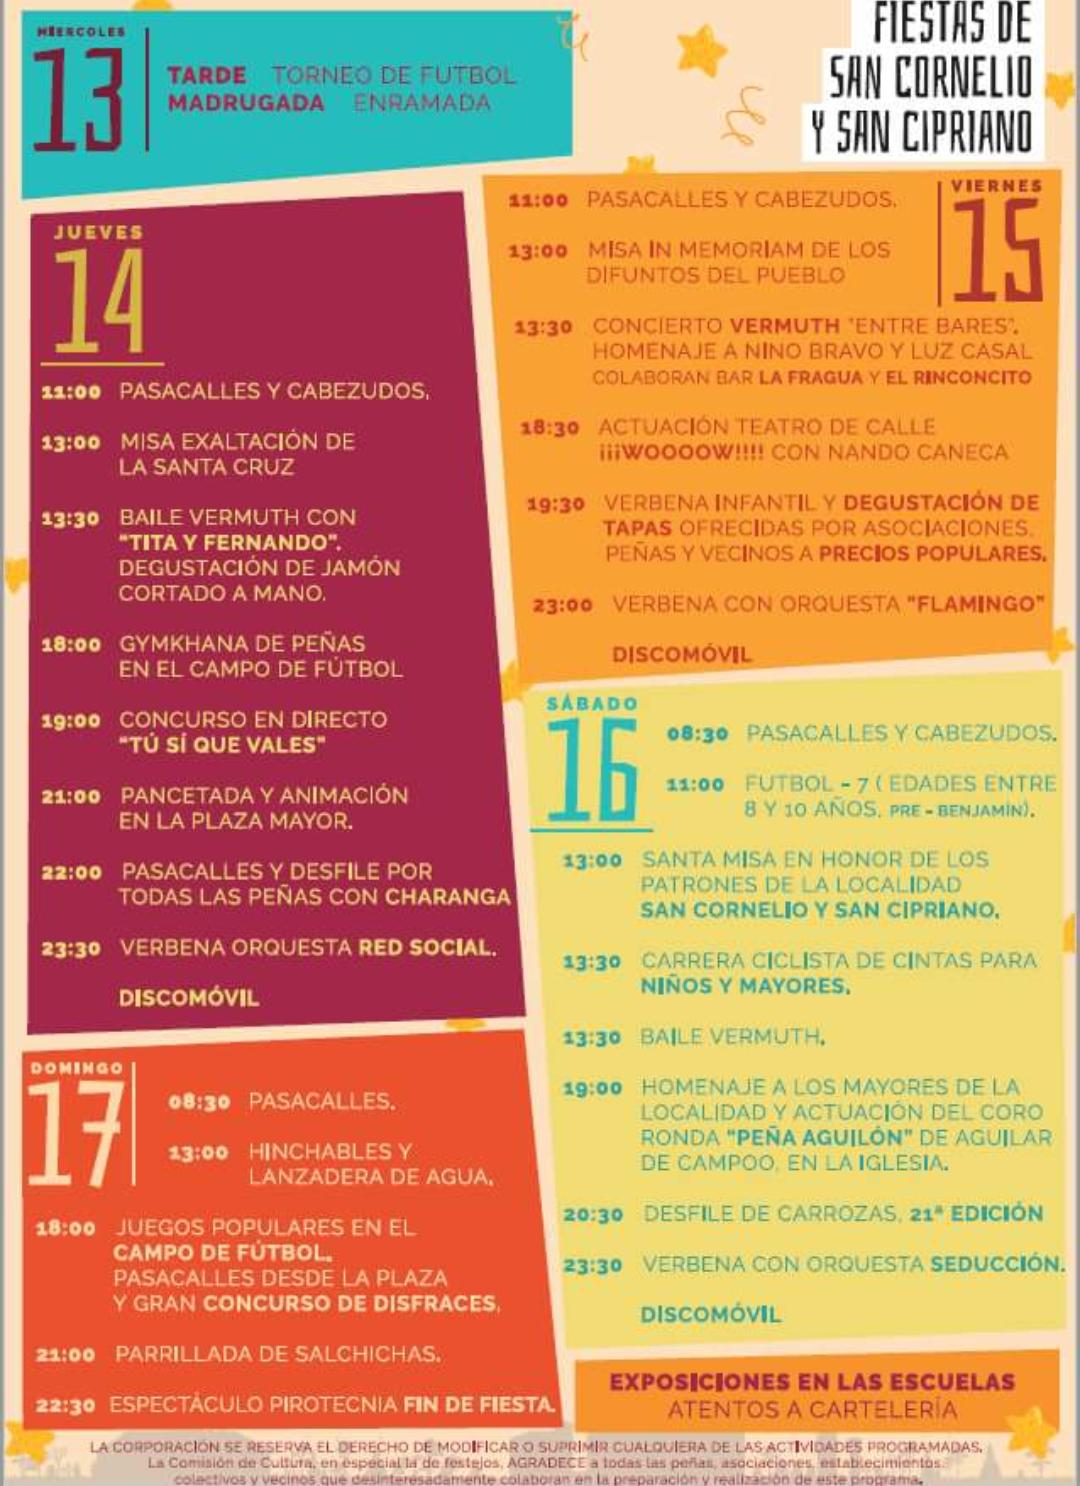 Programa de Fiestas San Cornelio y San Cipriano, 2017